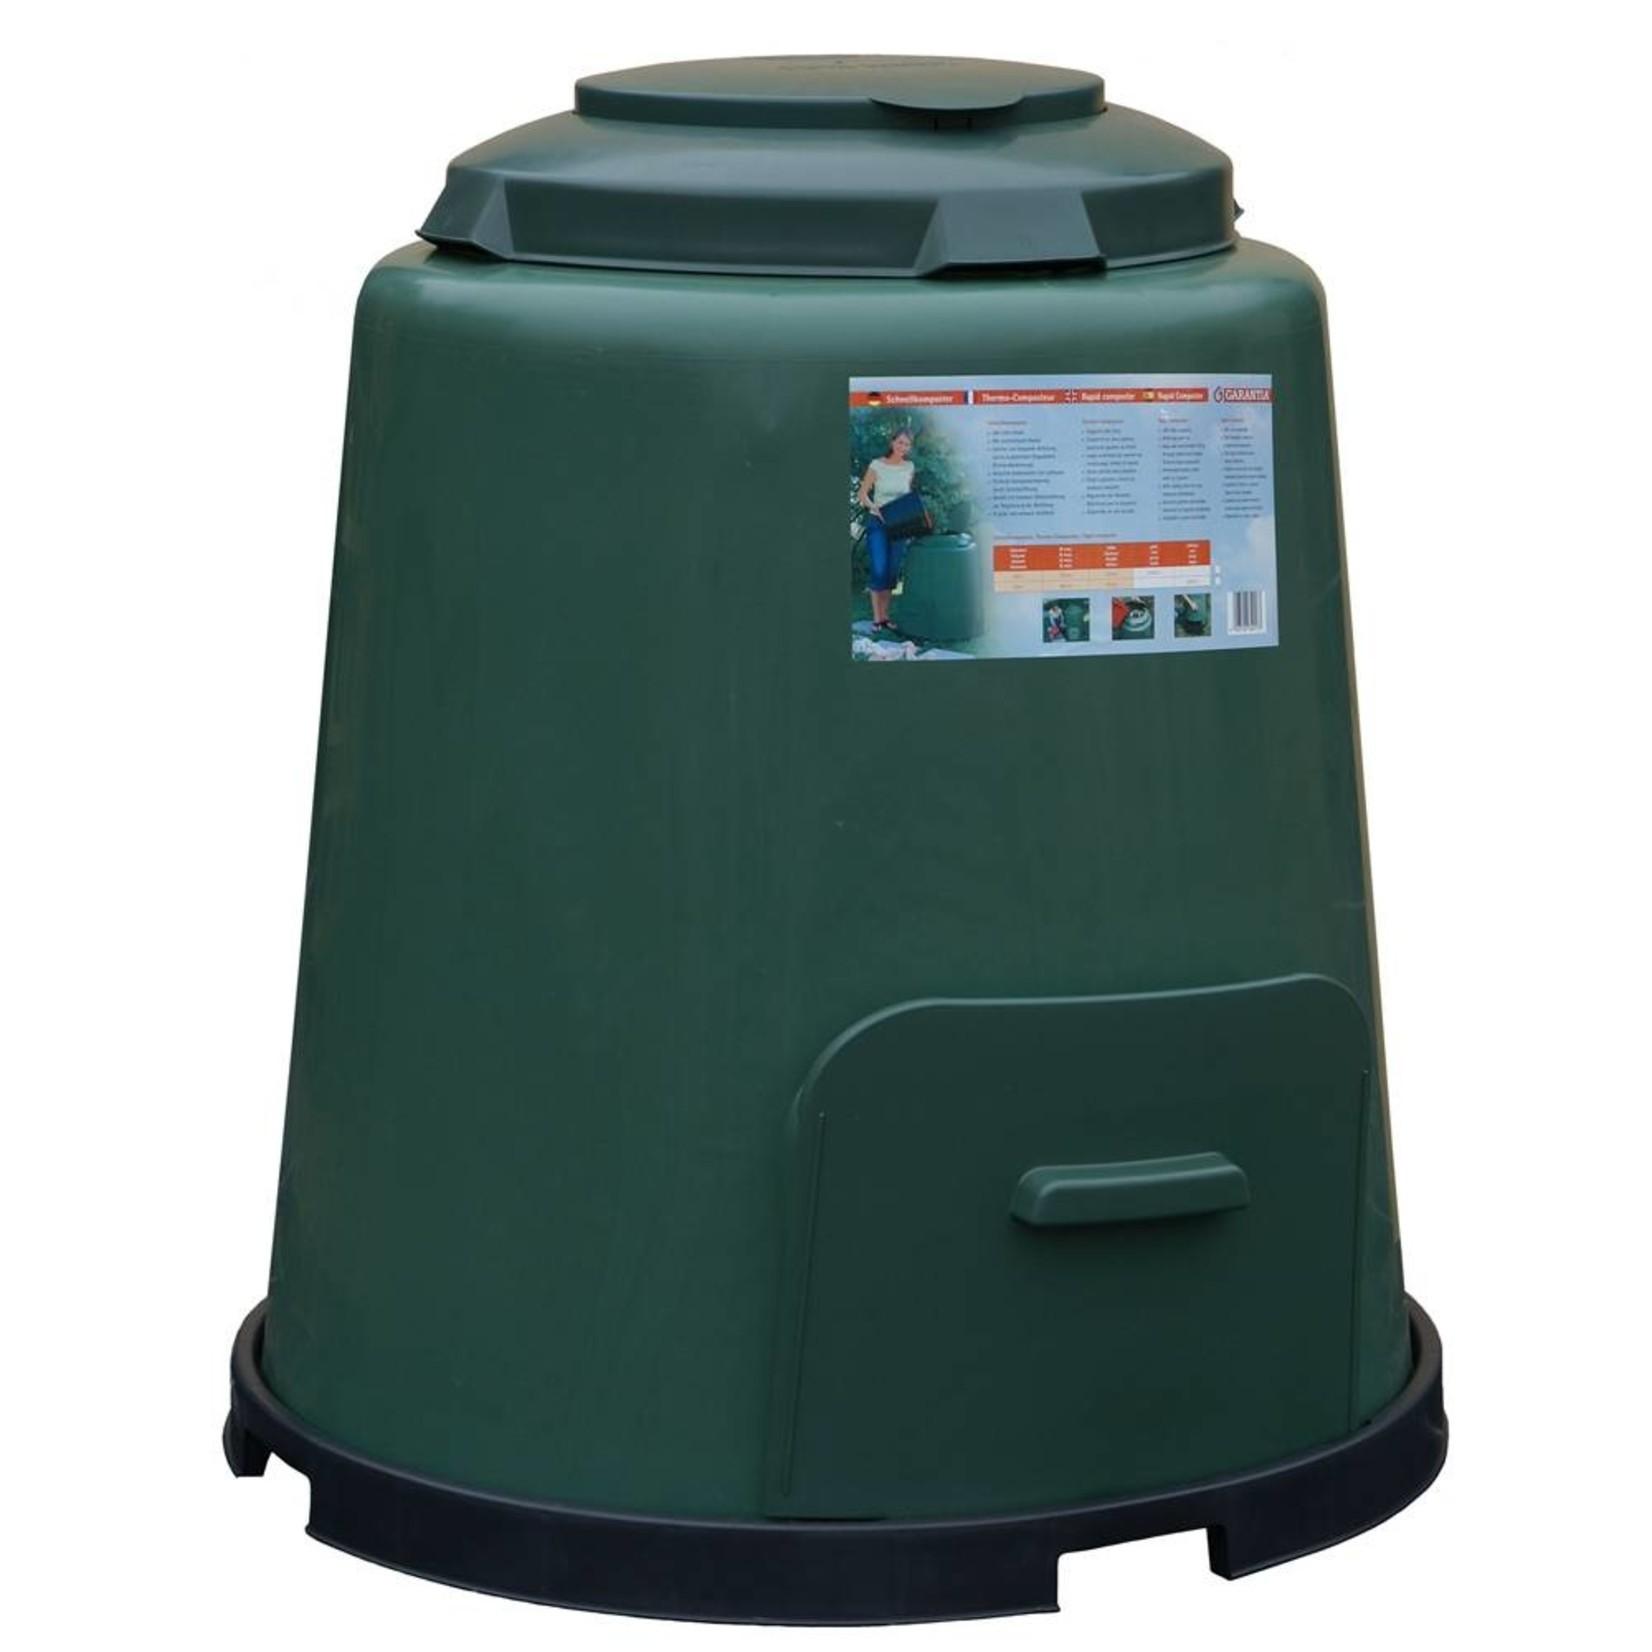 Meuwissen Agro Compostvat 280 ltr gr/beluchting